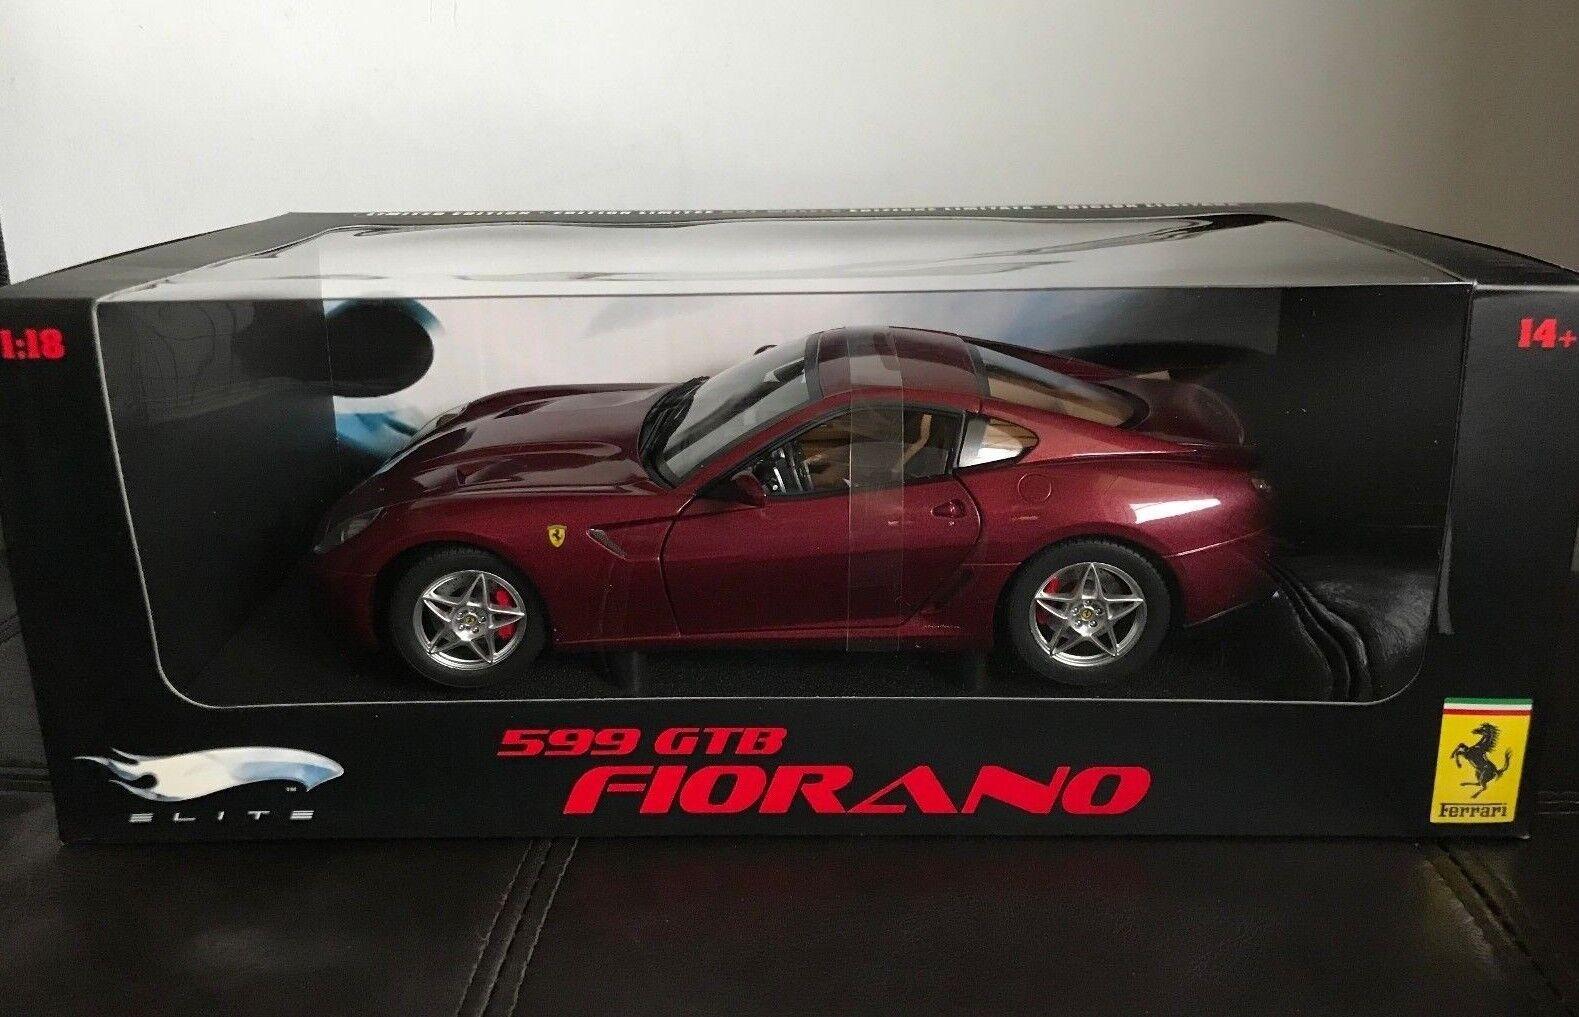 1 18 Hot Wheels Elite Ferrari 599 GTB Fiorano Borgoña Diecast Modelo de Coche Nuevo